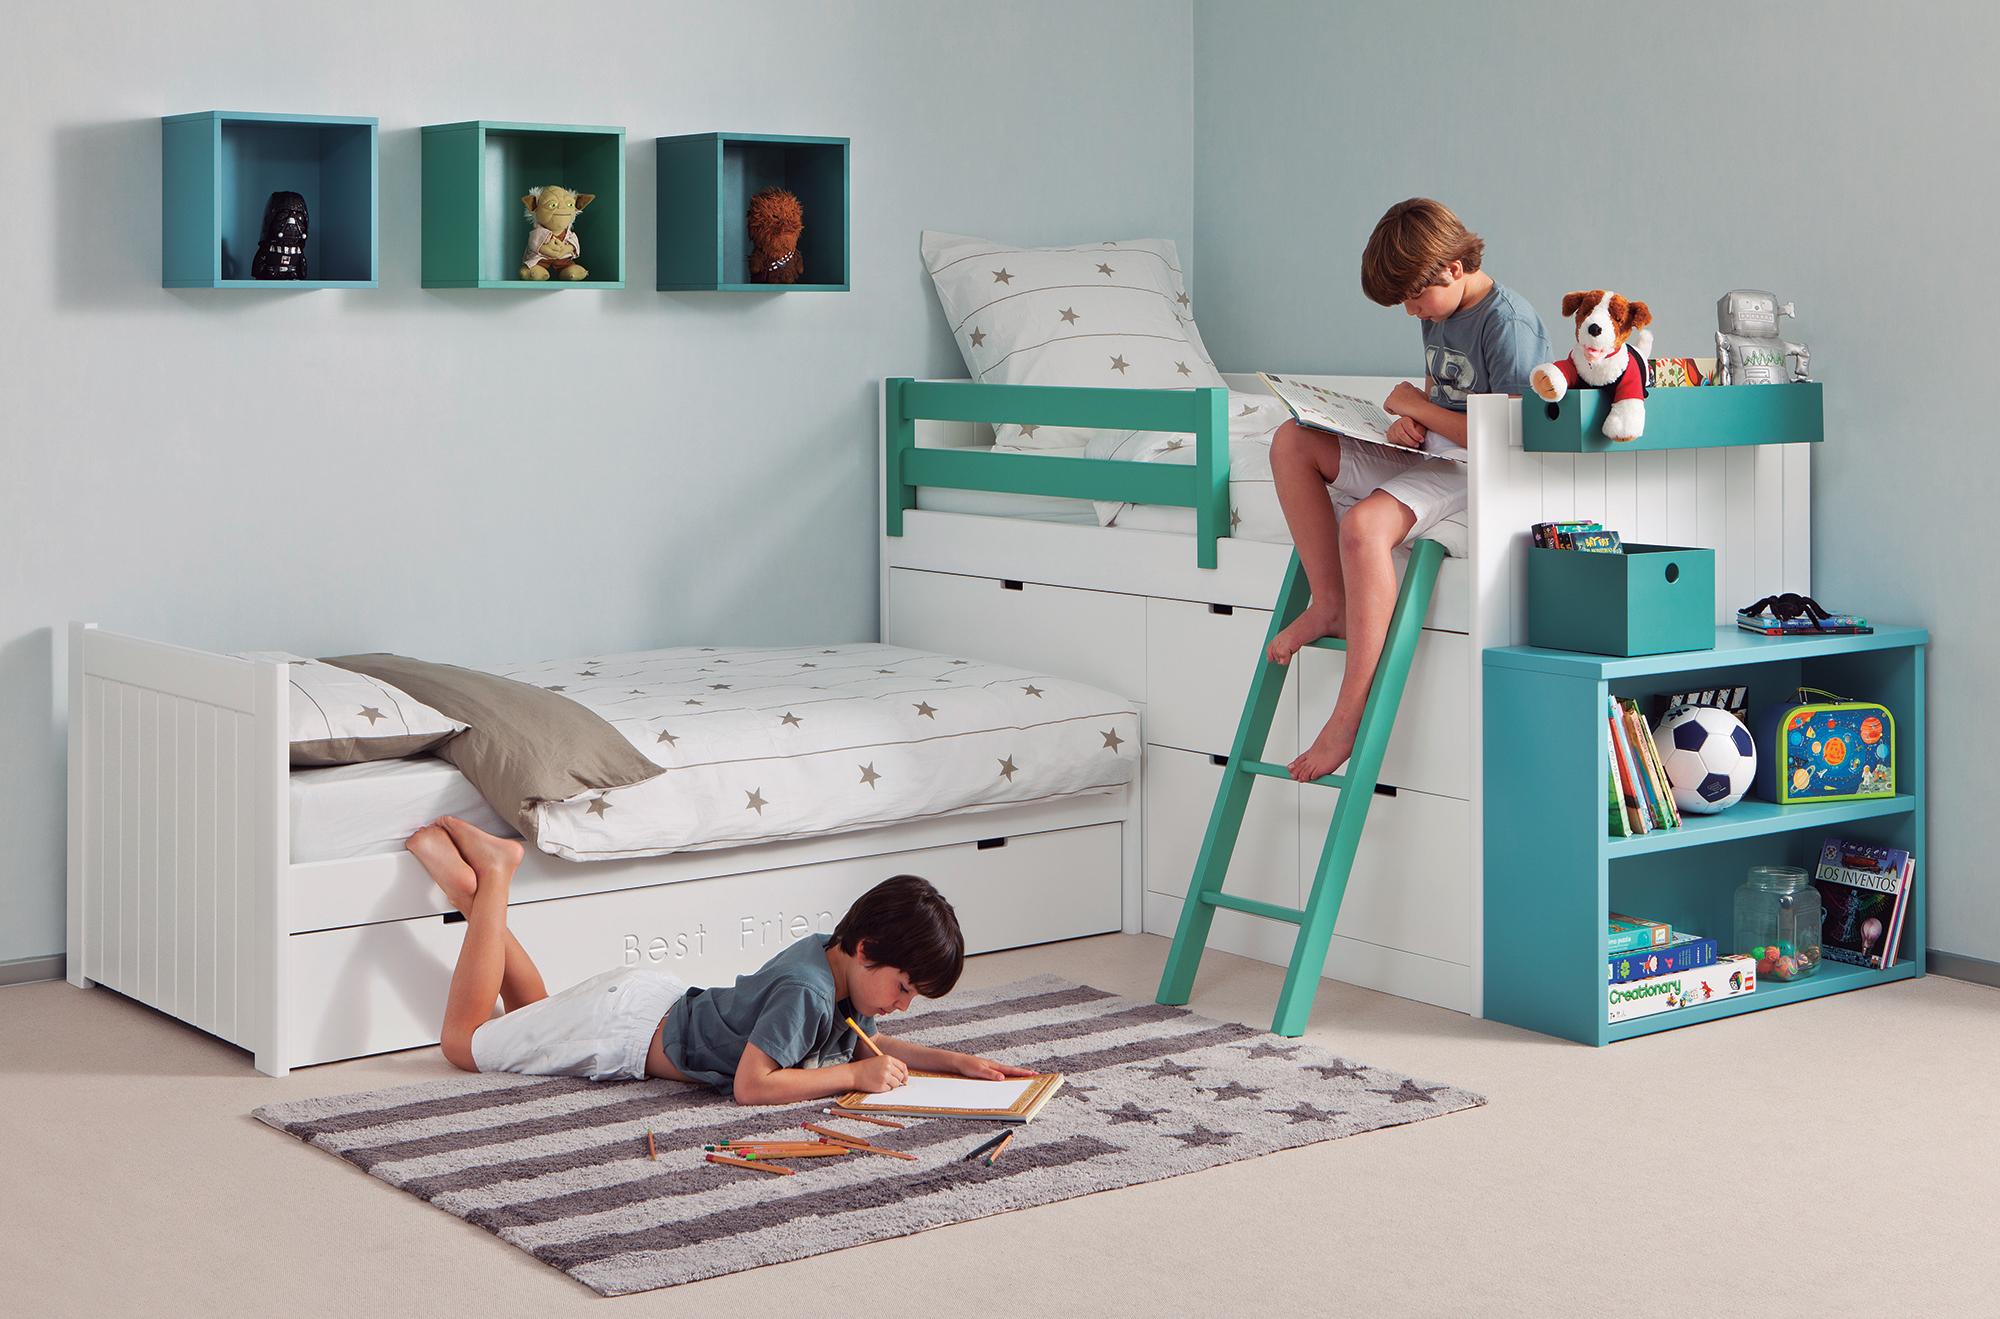 Quel est le meilleur ¢ge pour partager sa chambre d enfant